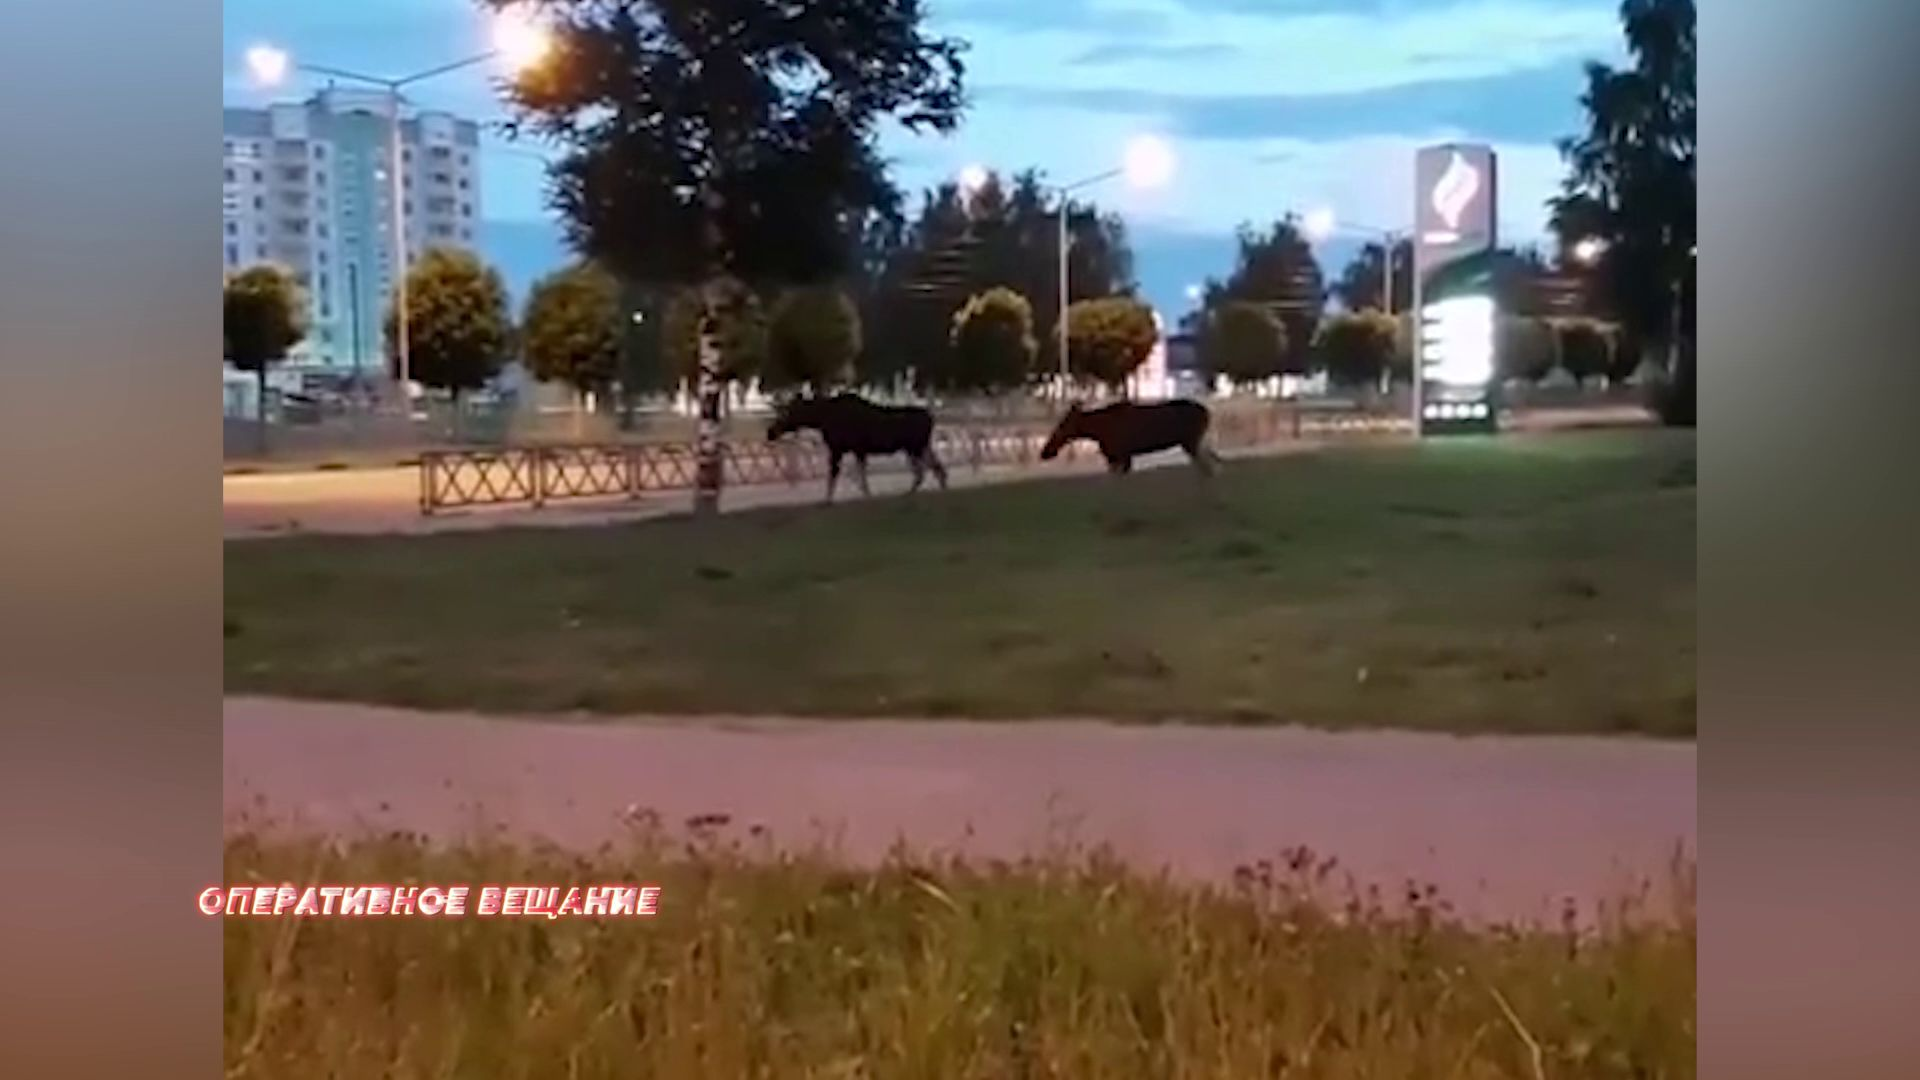 Лоси вновь навестили жителей Ярославля